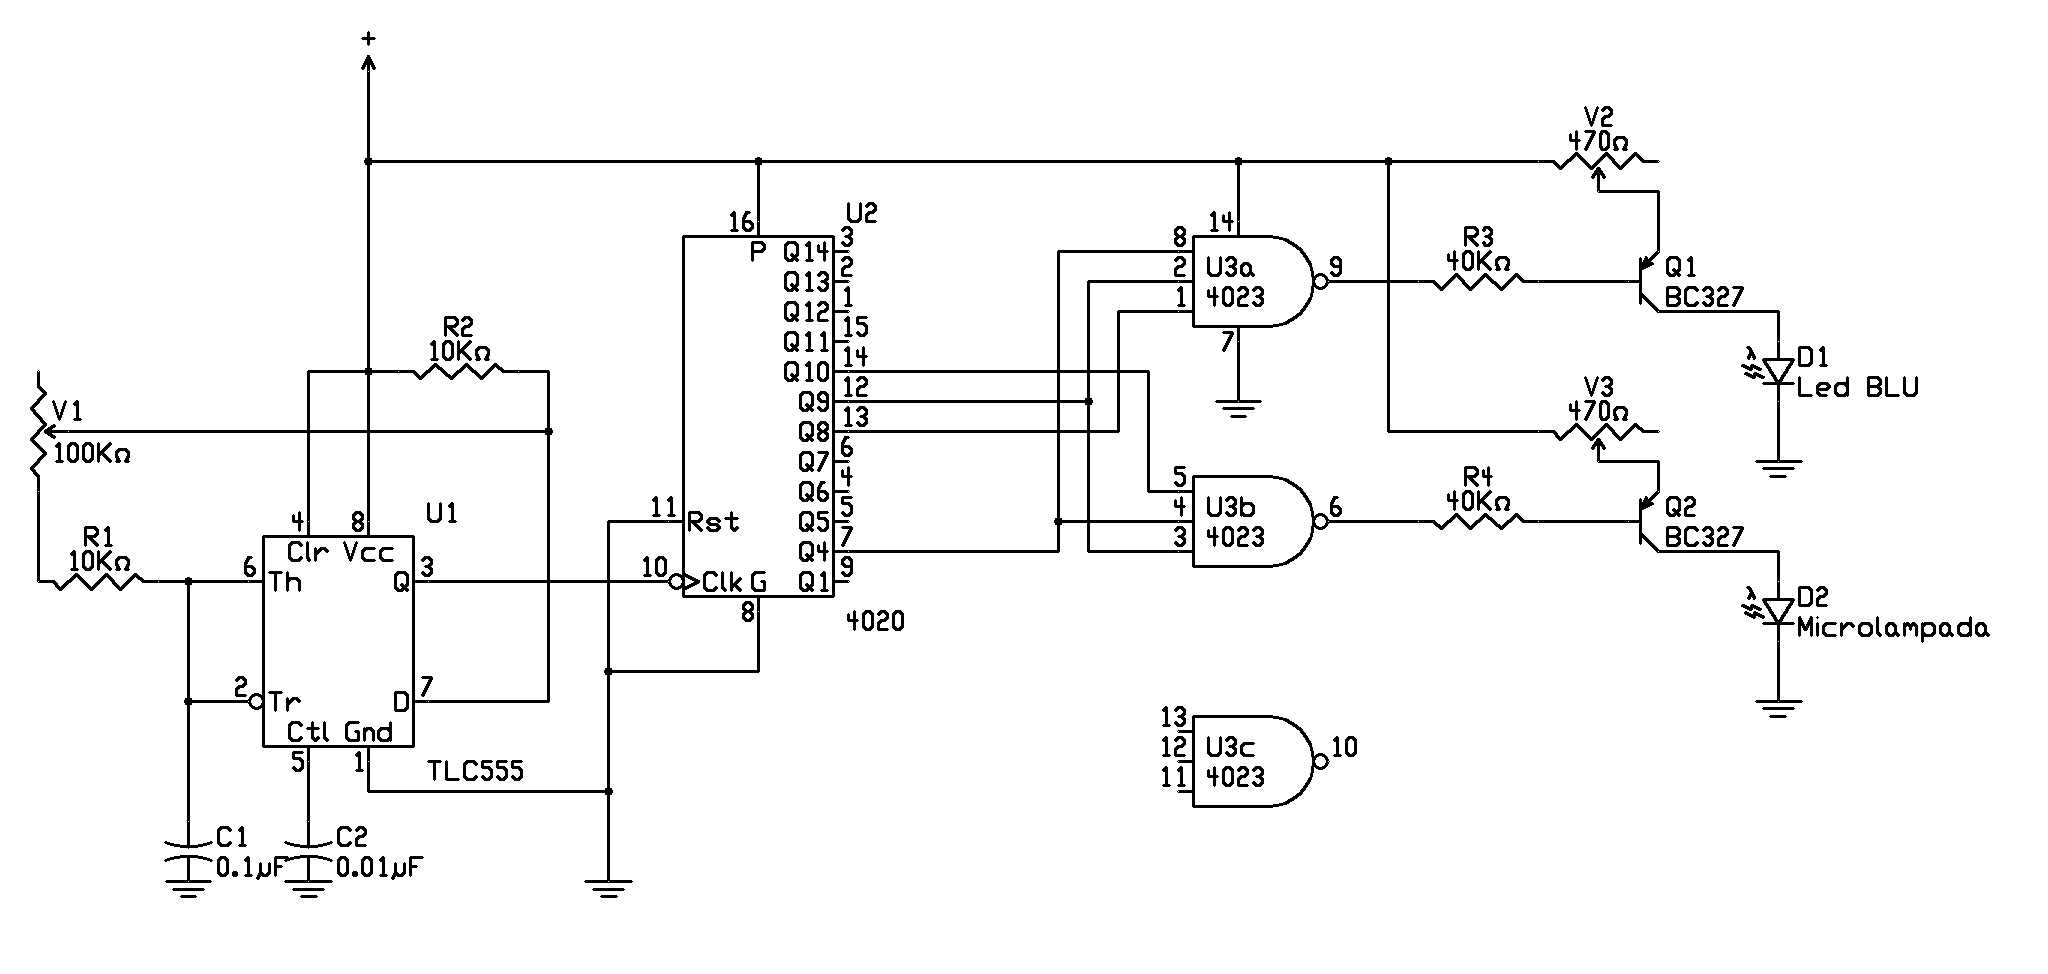 Schemi Elettrici Per Led : Come collegare un led ad una breadboard di arduino grectech